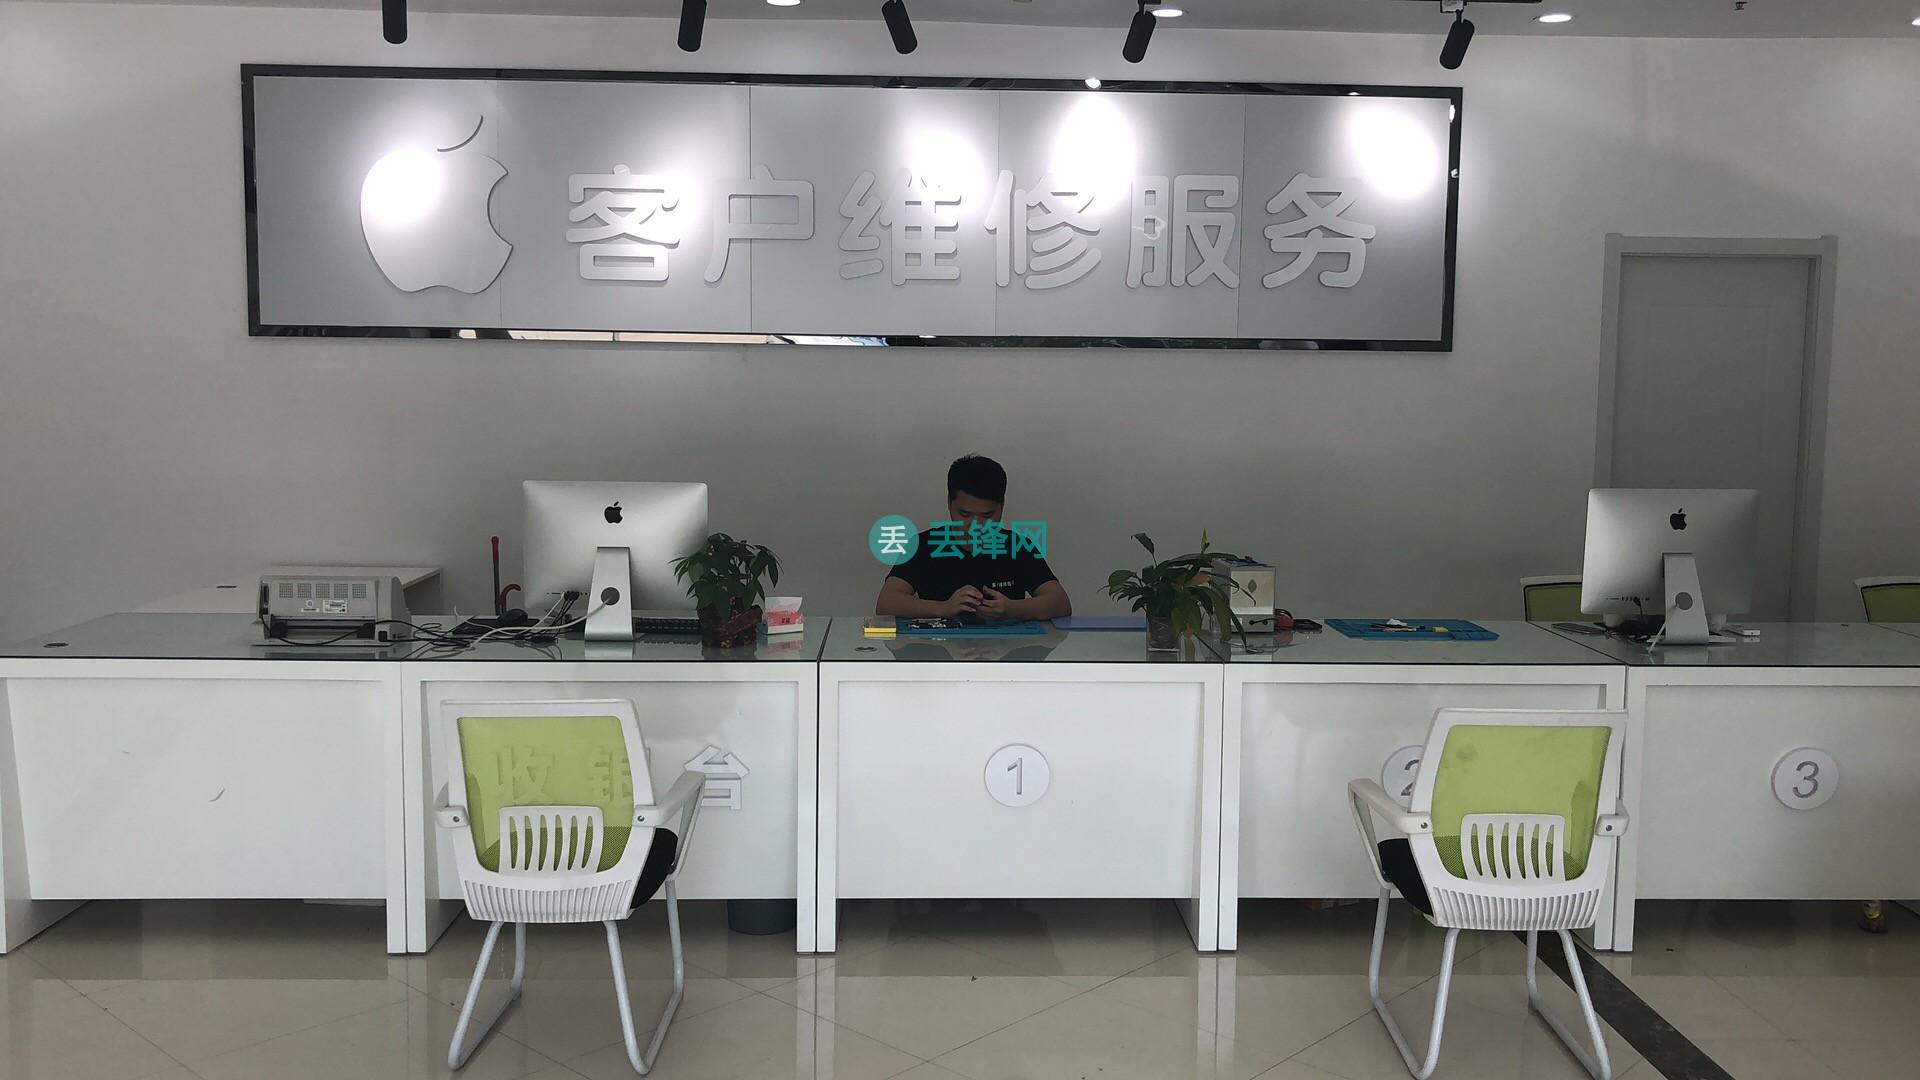 南京vivo手机售后维修中心地址电话查询